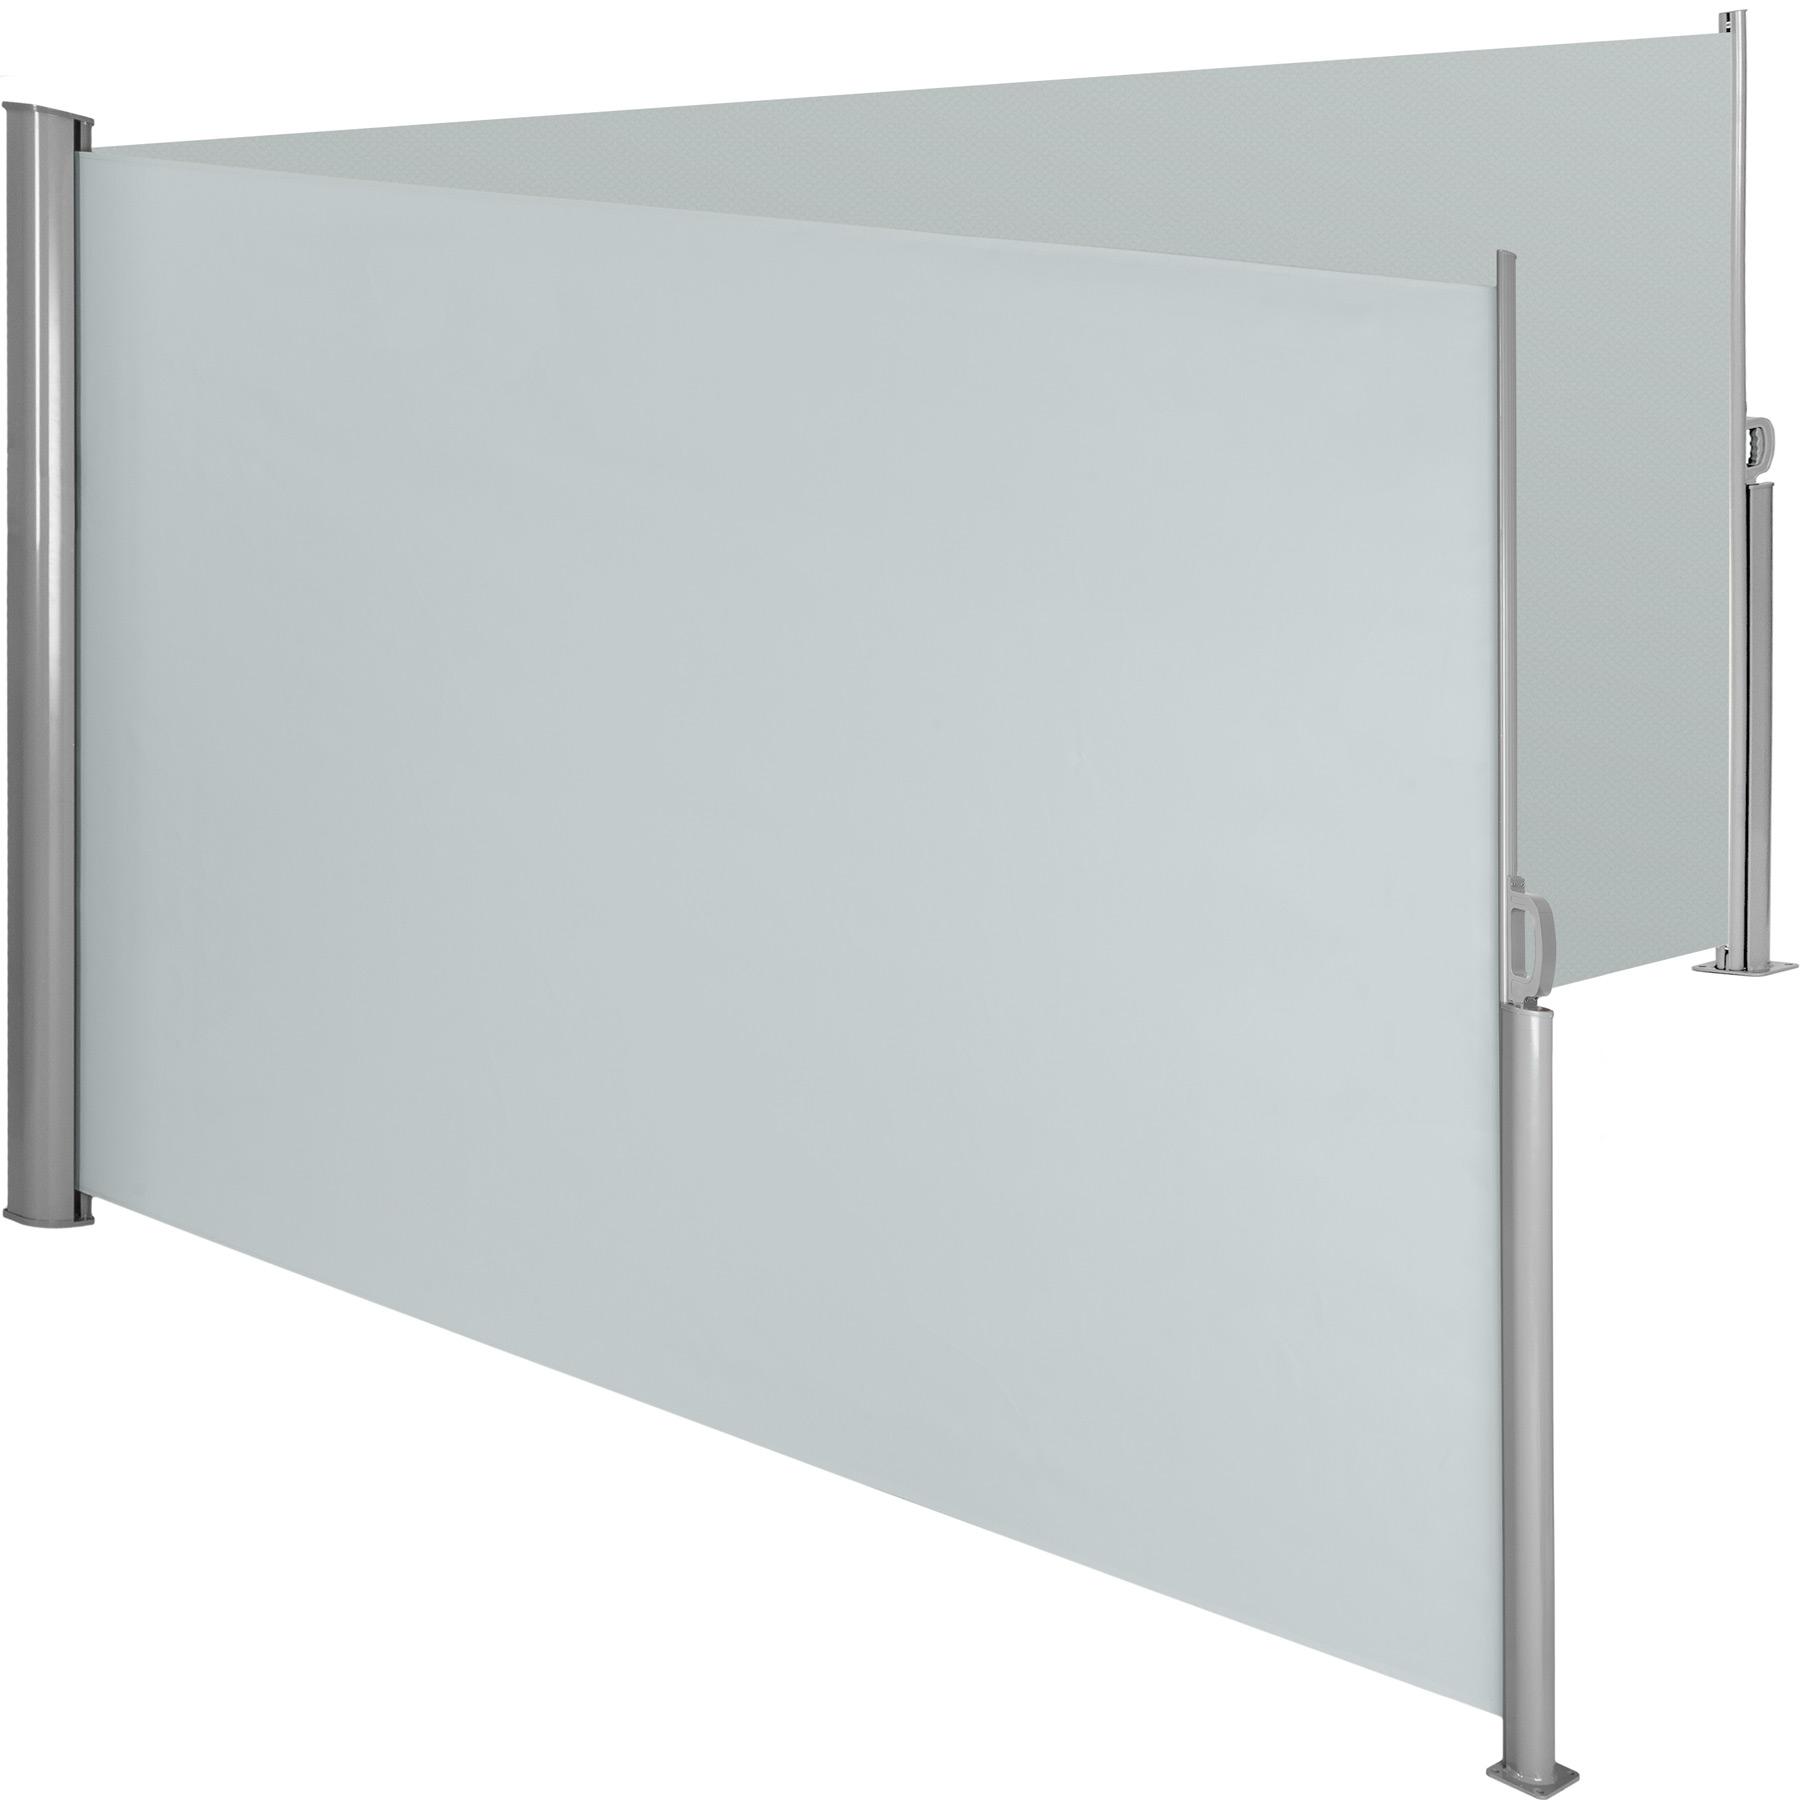 Aluminium Doppel Seitenmarkise - grau, 180 x 600 cm günstig online kaufen